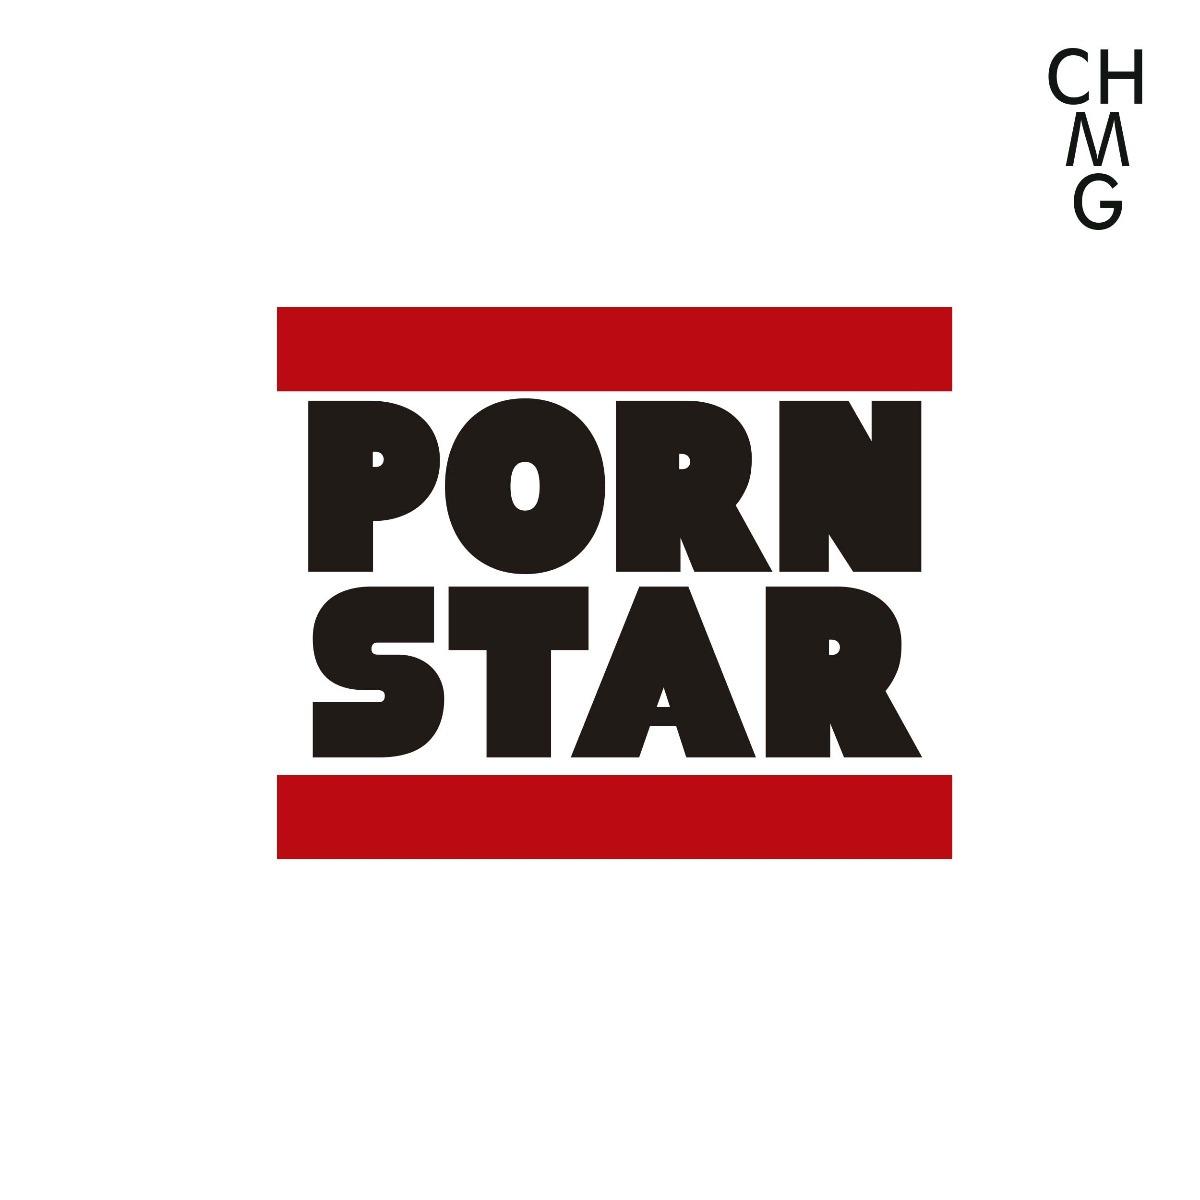 Sudadera deportiva porn star logo 5 todas las tallas cargando zoom